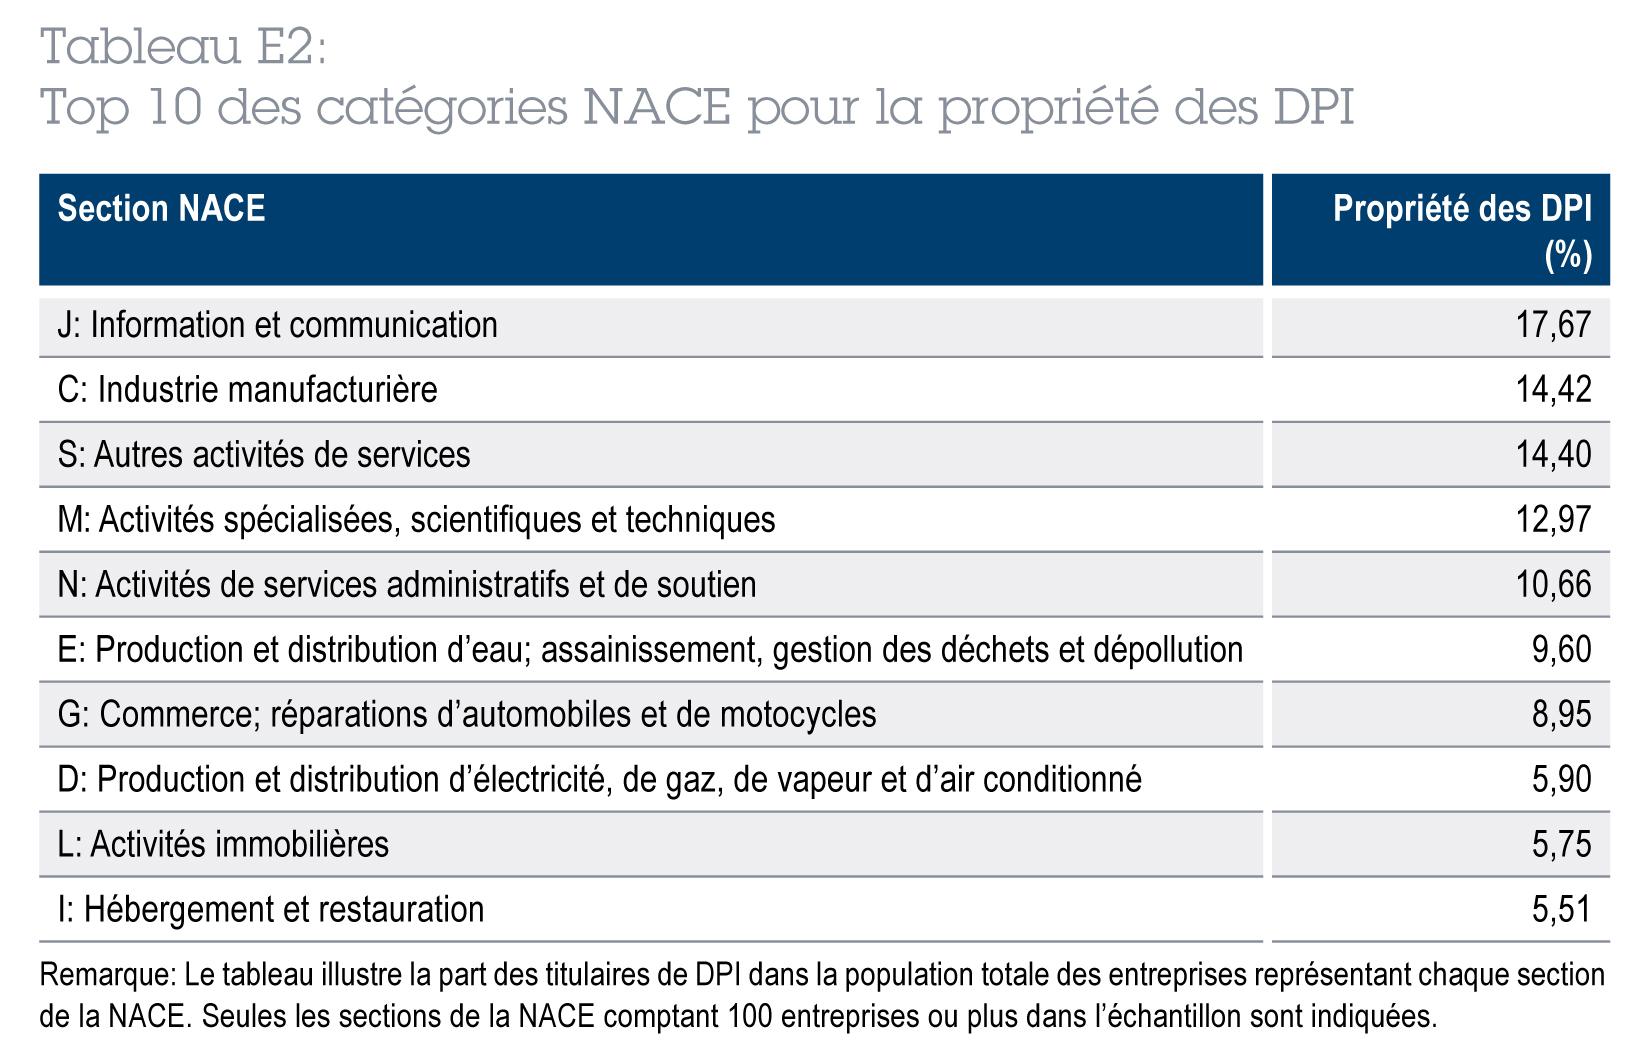 Top 10 des catégories NACE pour la propriété des DPI